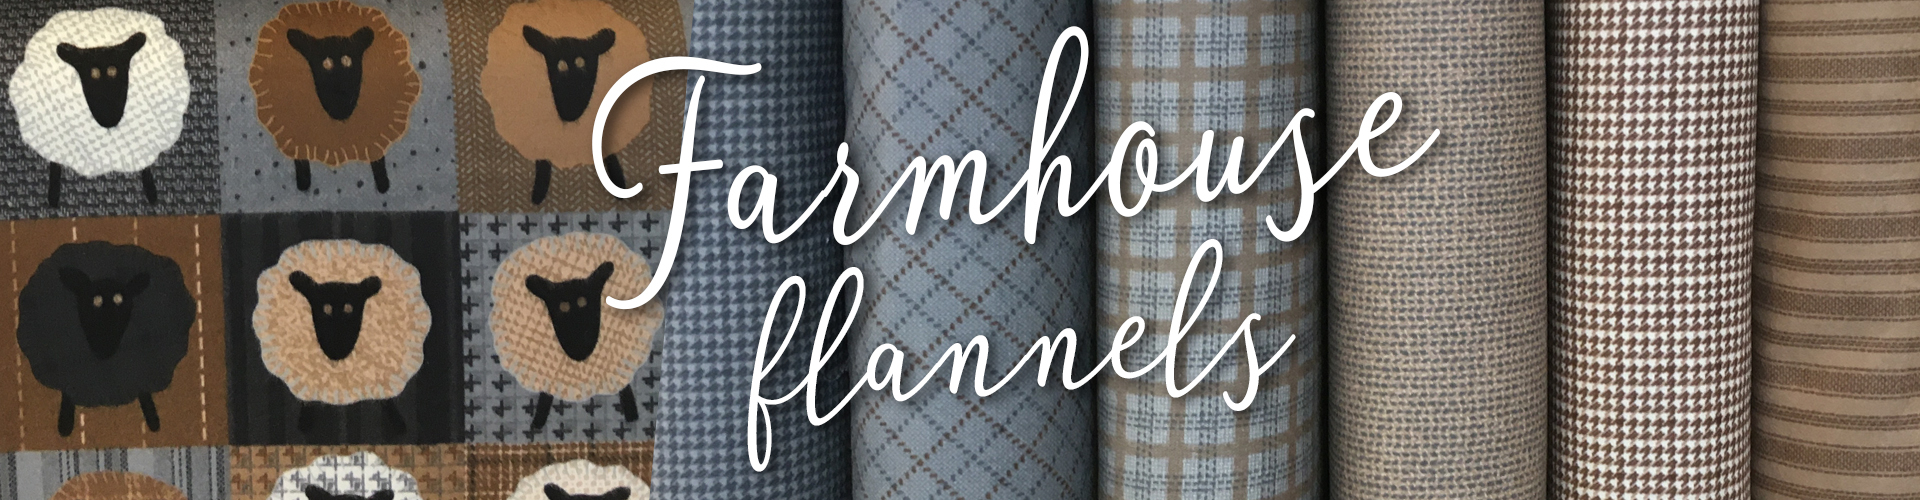 quiltestæsj-1920x500-farmhouse flannels